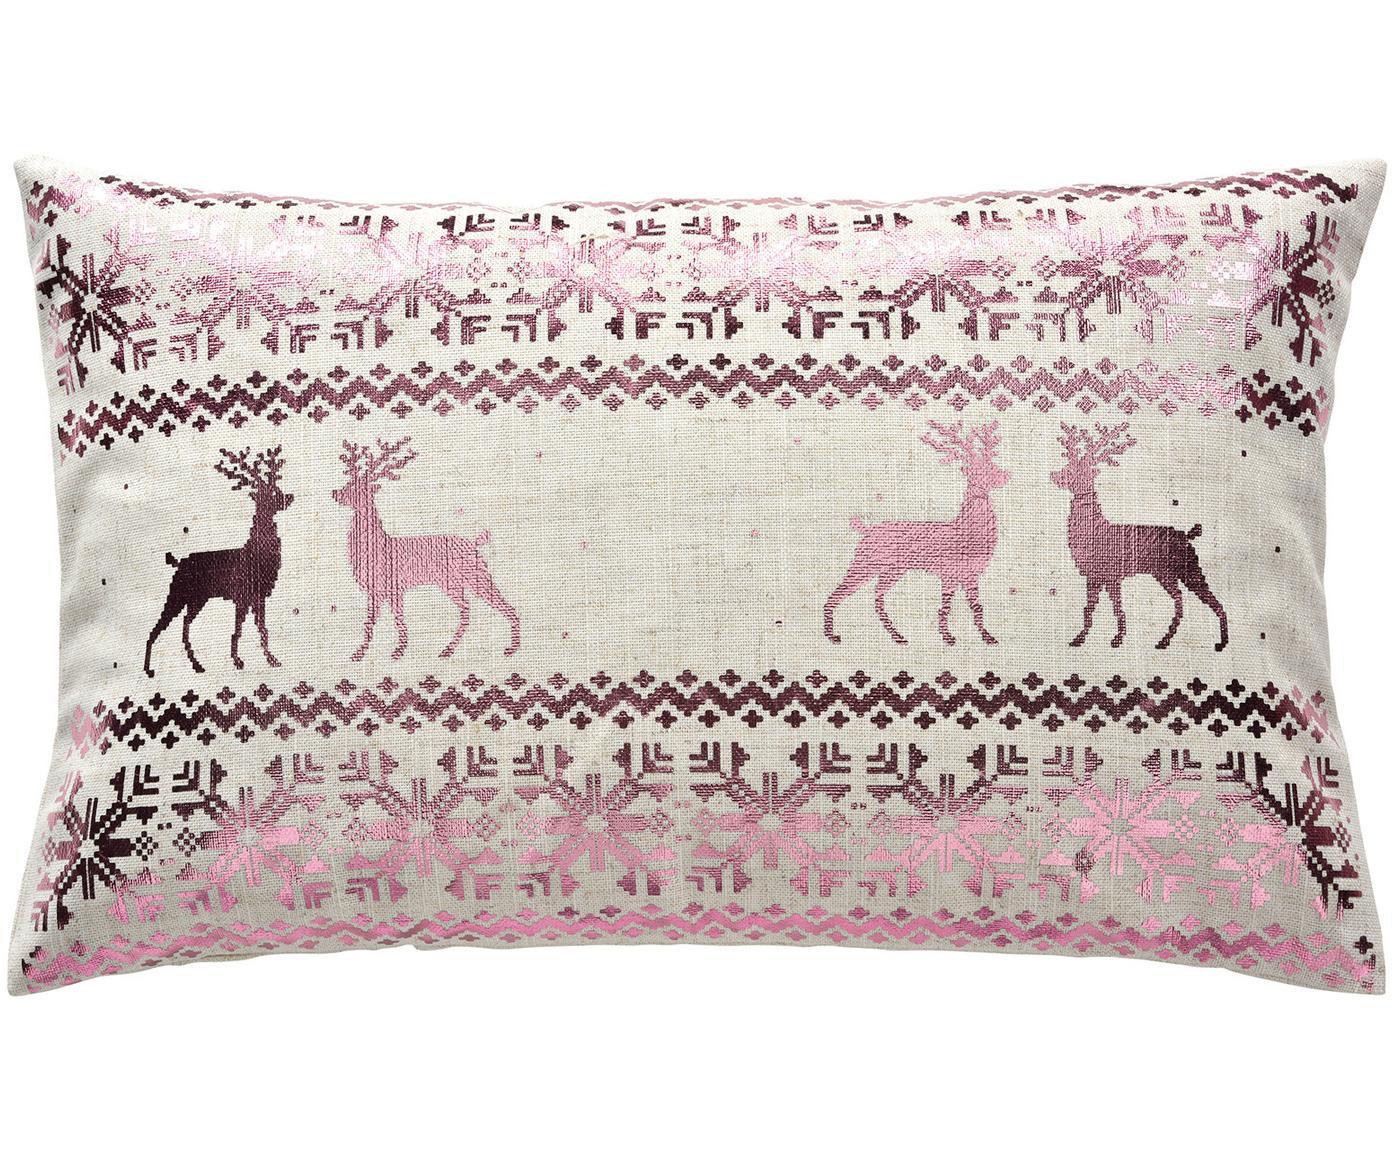 Kussenhoes Lodge met glanzend winterpatroon, 95% polyester, 5% linnen, Roze, beige, 30 x 50 cm